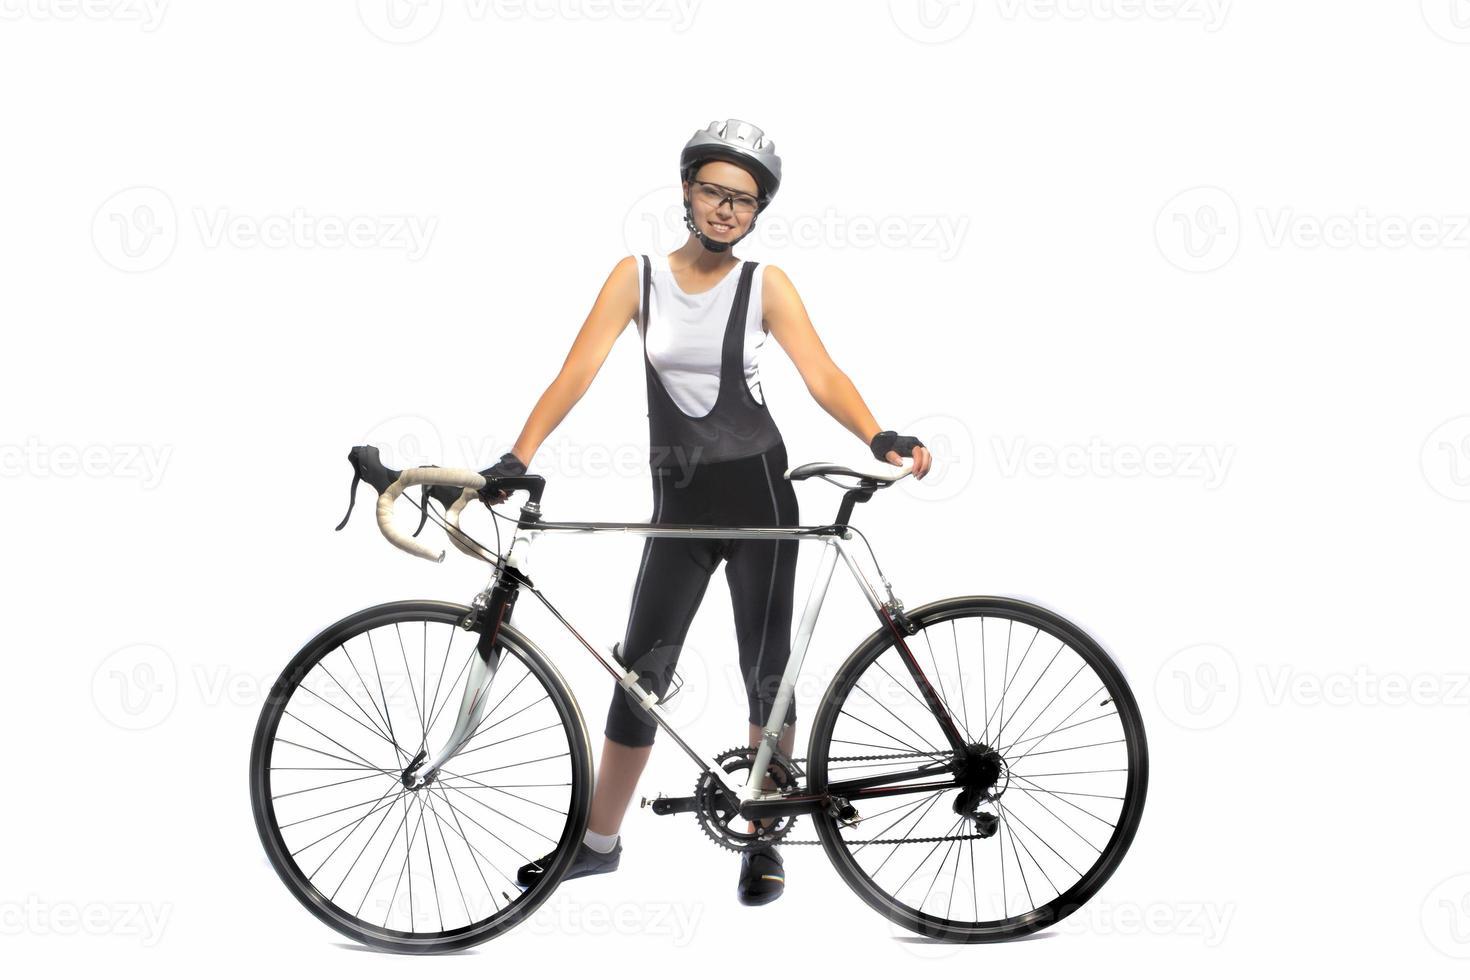 Porträt einer jungen kaukasischen Sportlerin, die professionell mit dem Fahrrad ausgestattet ist foto